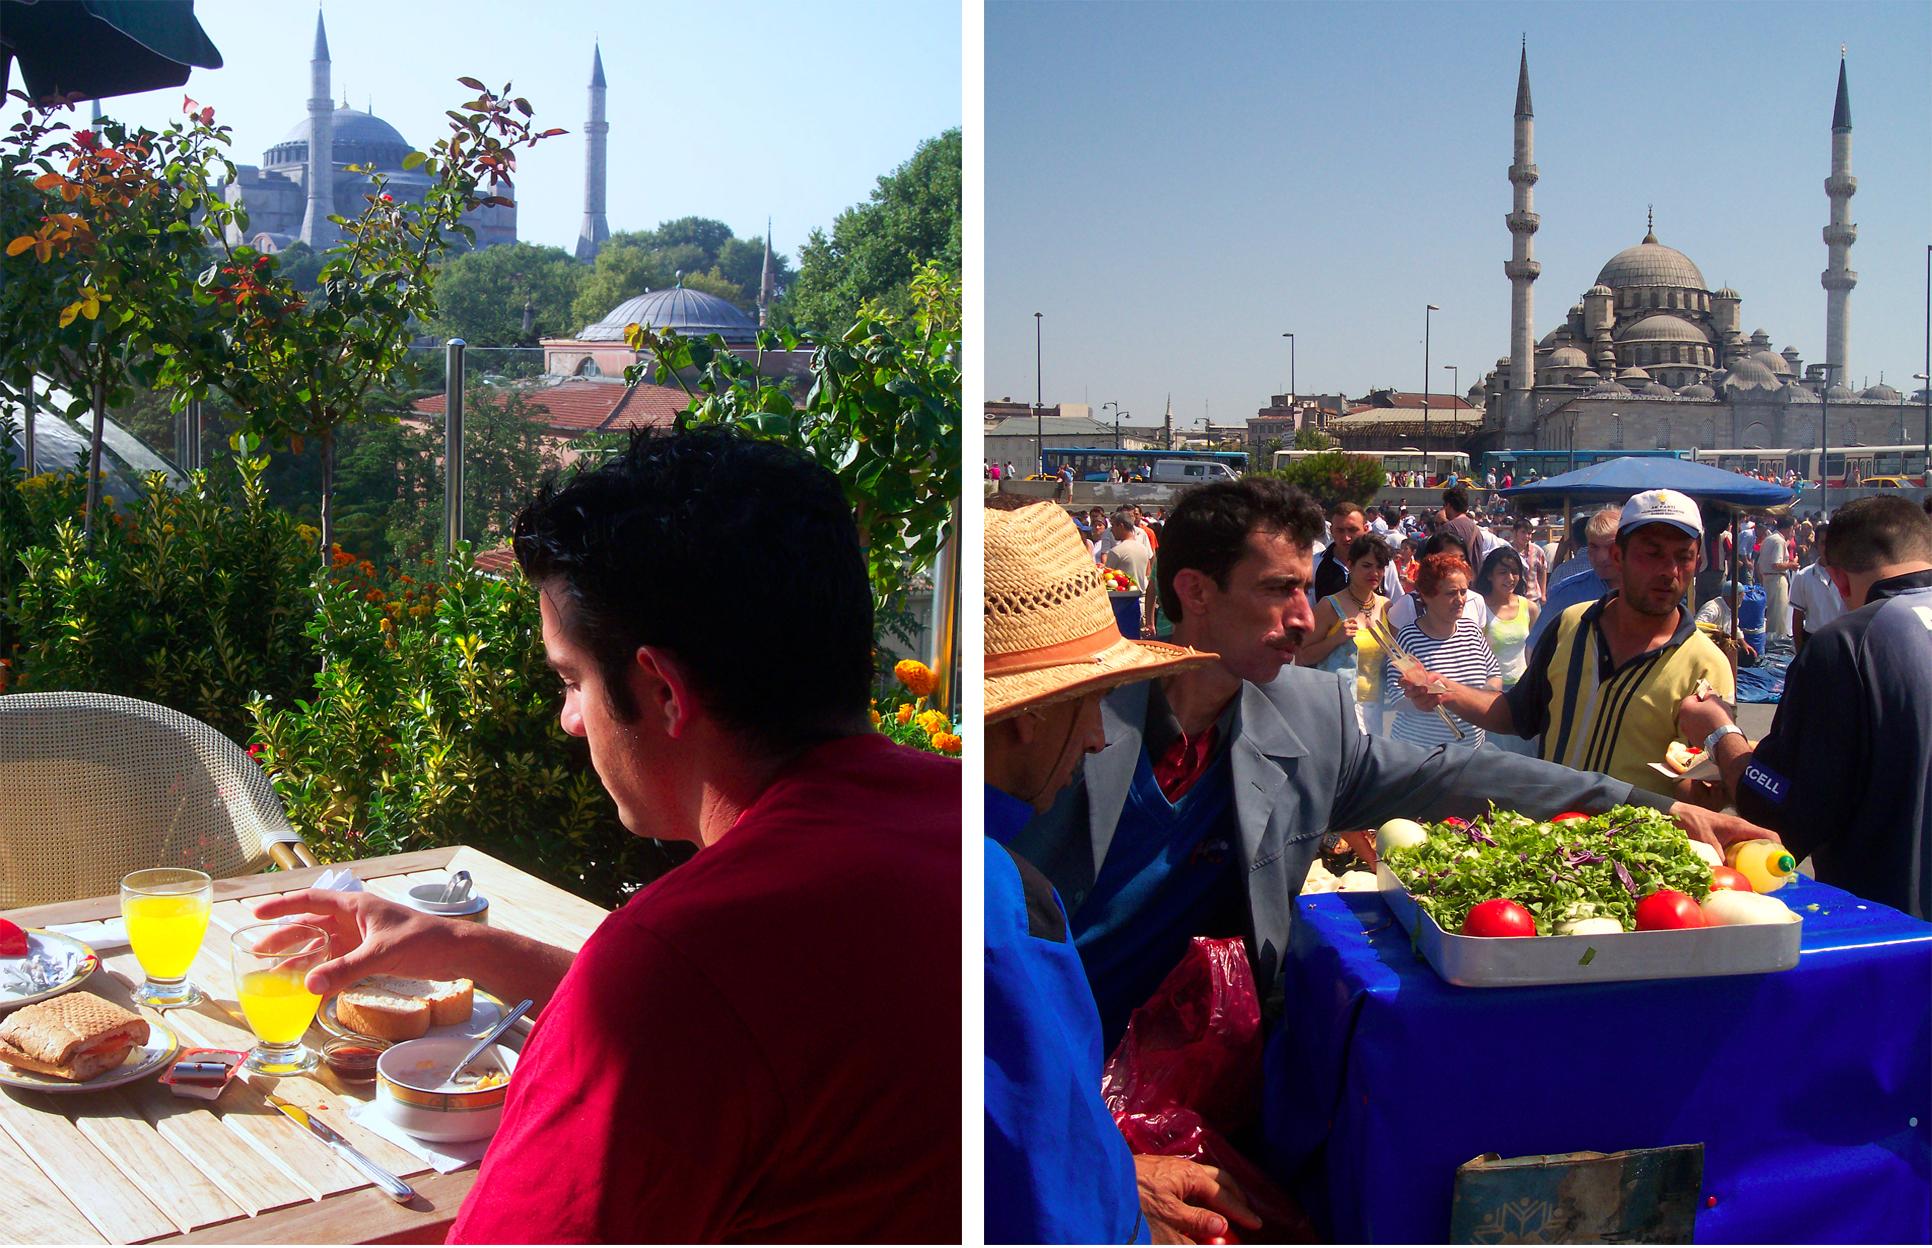 qué ver en Estambul, Turquía - Istanbul, Turkey qué ver en estambul - 30362989564 b031d56506 o - Qué ver en Estambul